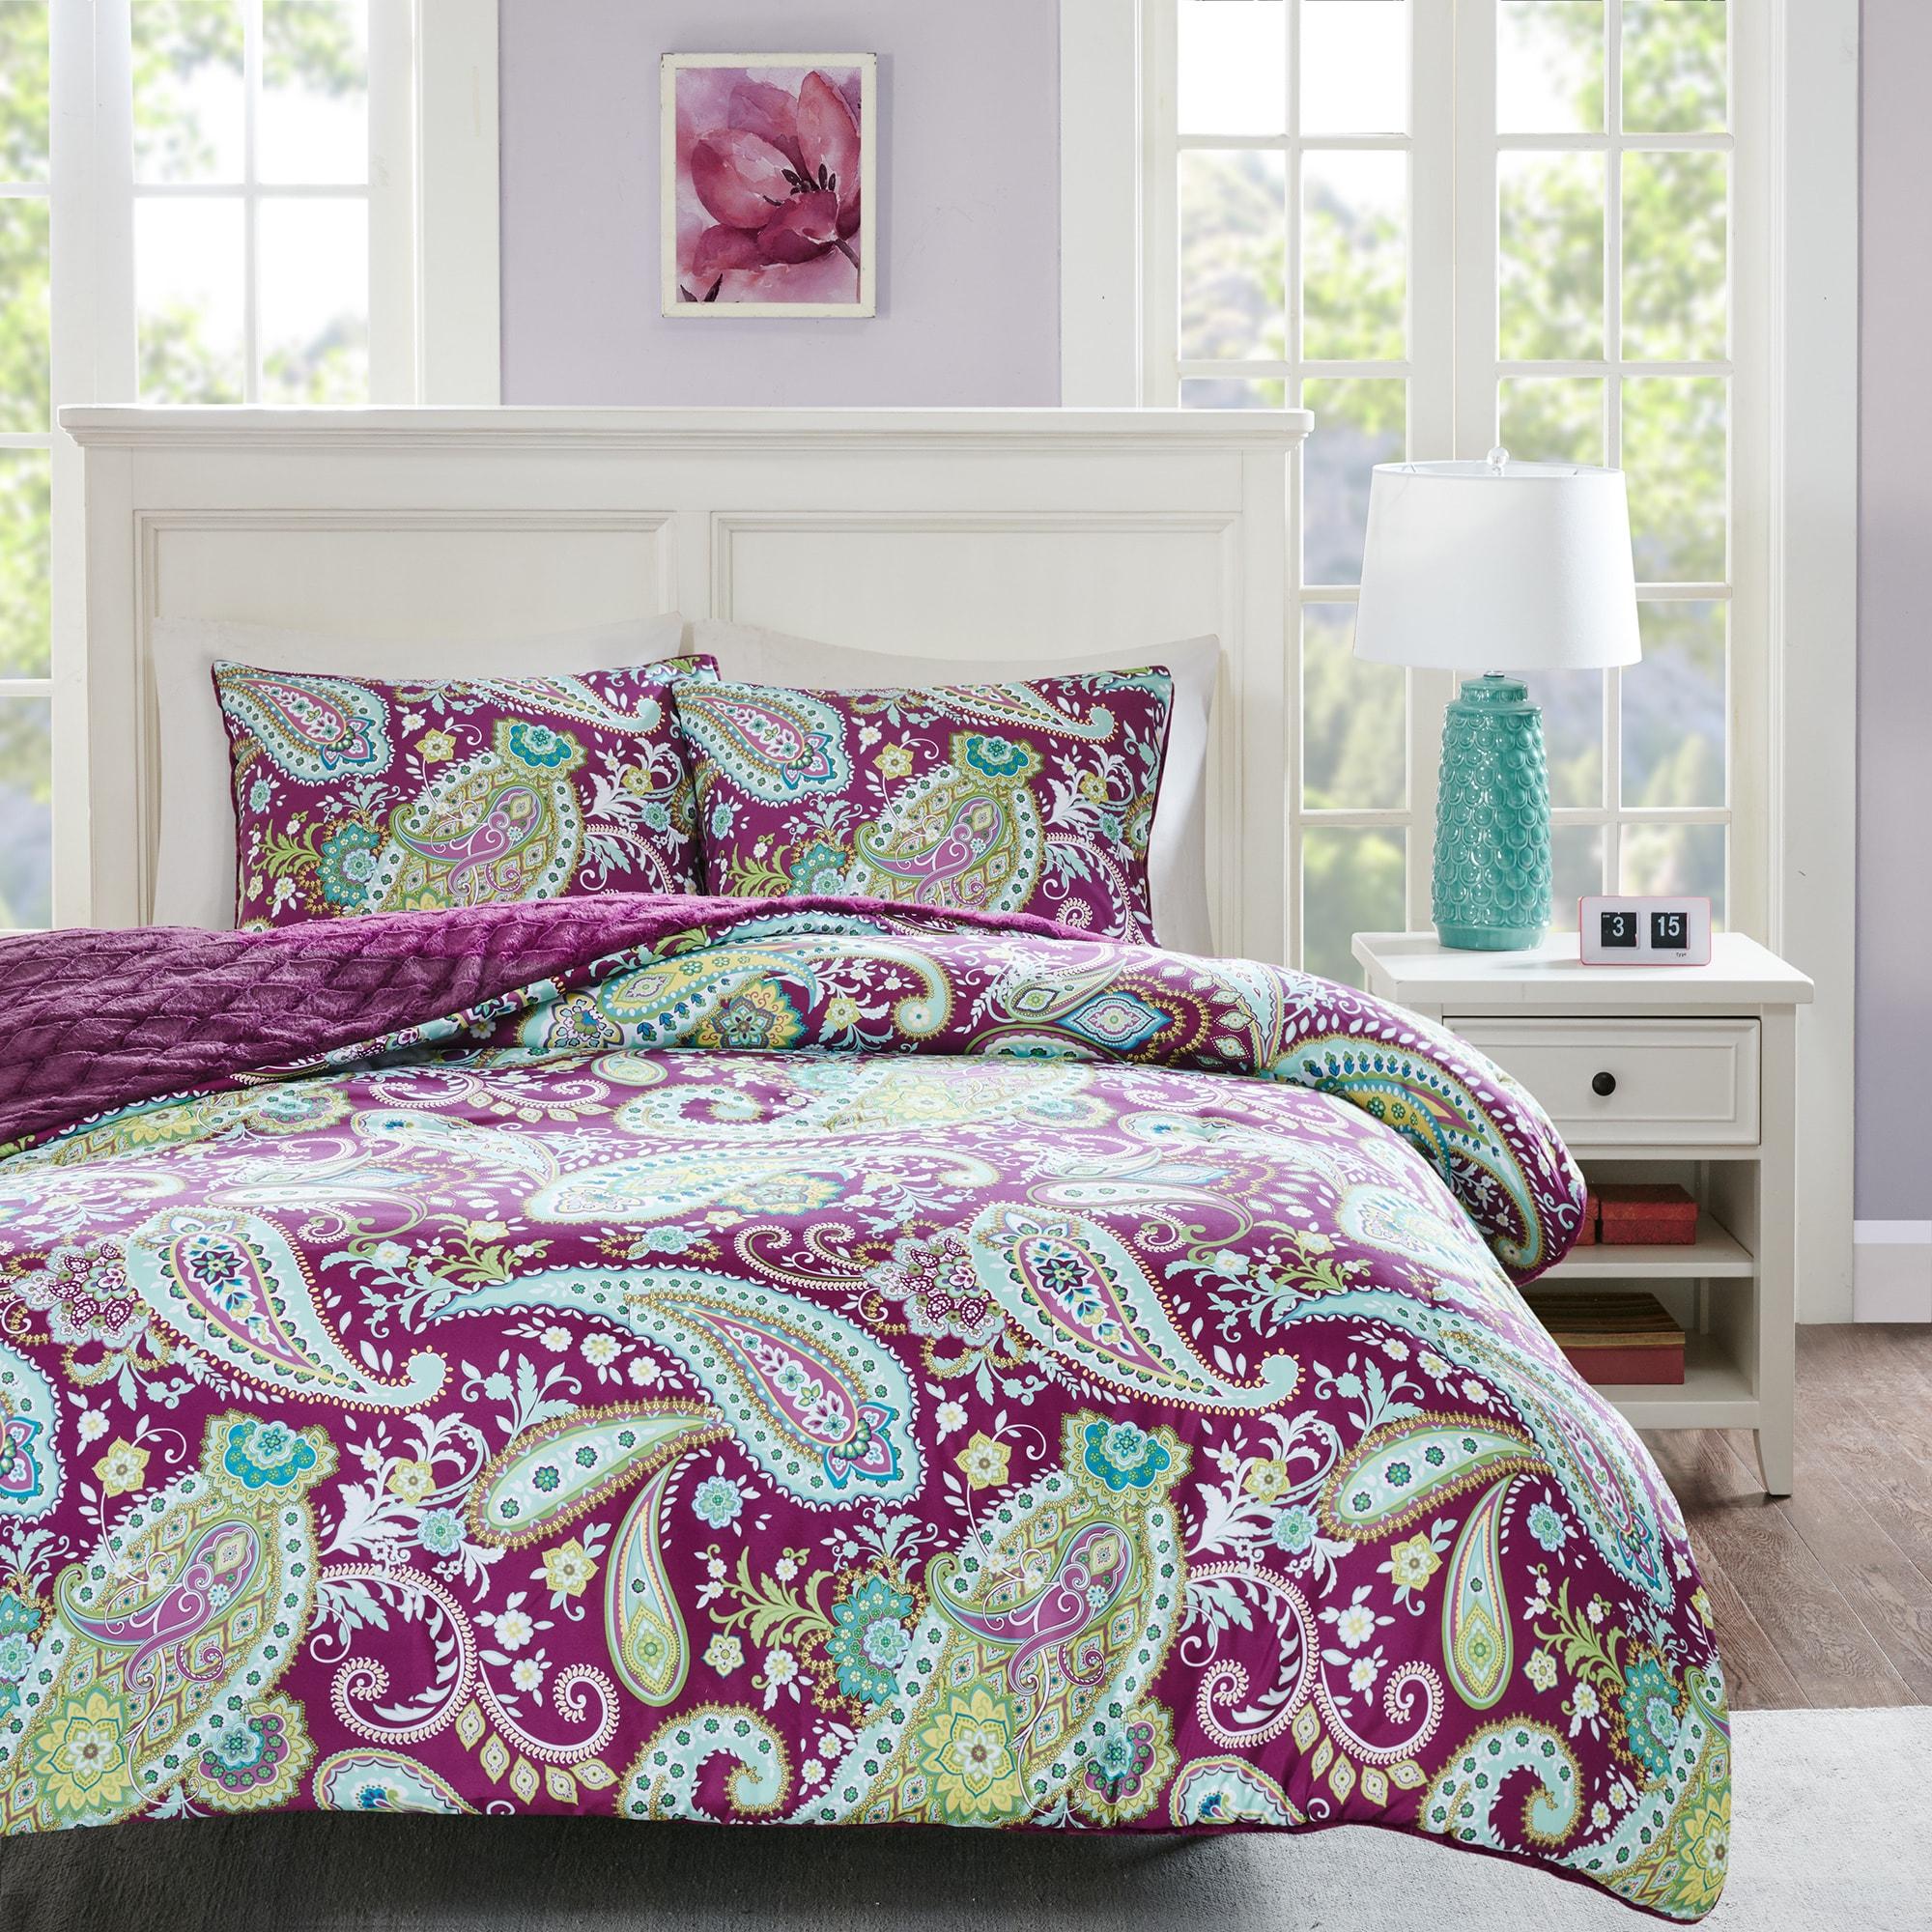 Intelligent Design Kayla Printed Reversible Comforter Mini Set 2 Color Option Comforter Sets Comforters Bedding Sets